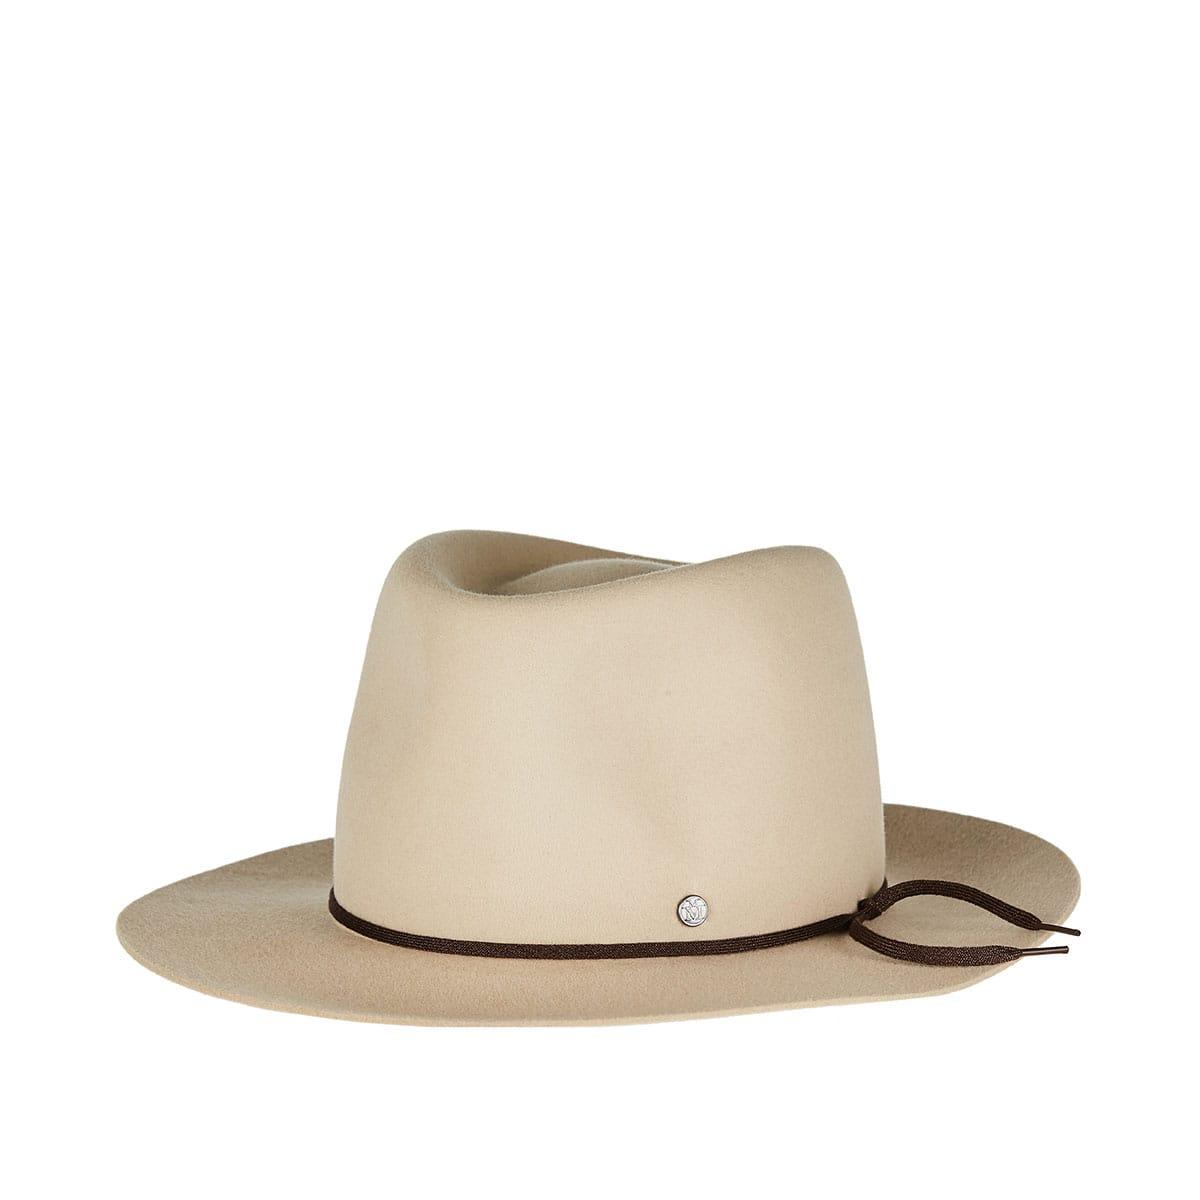 André furfelt hat